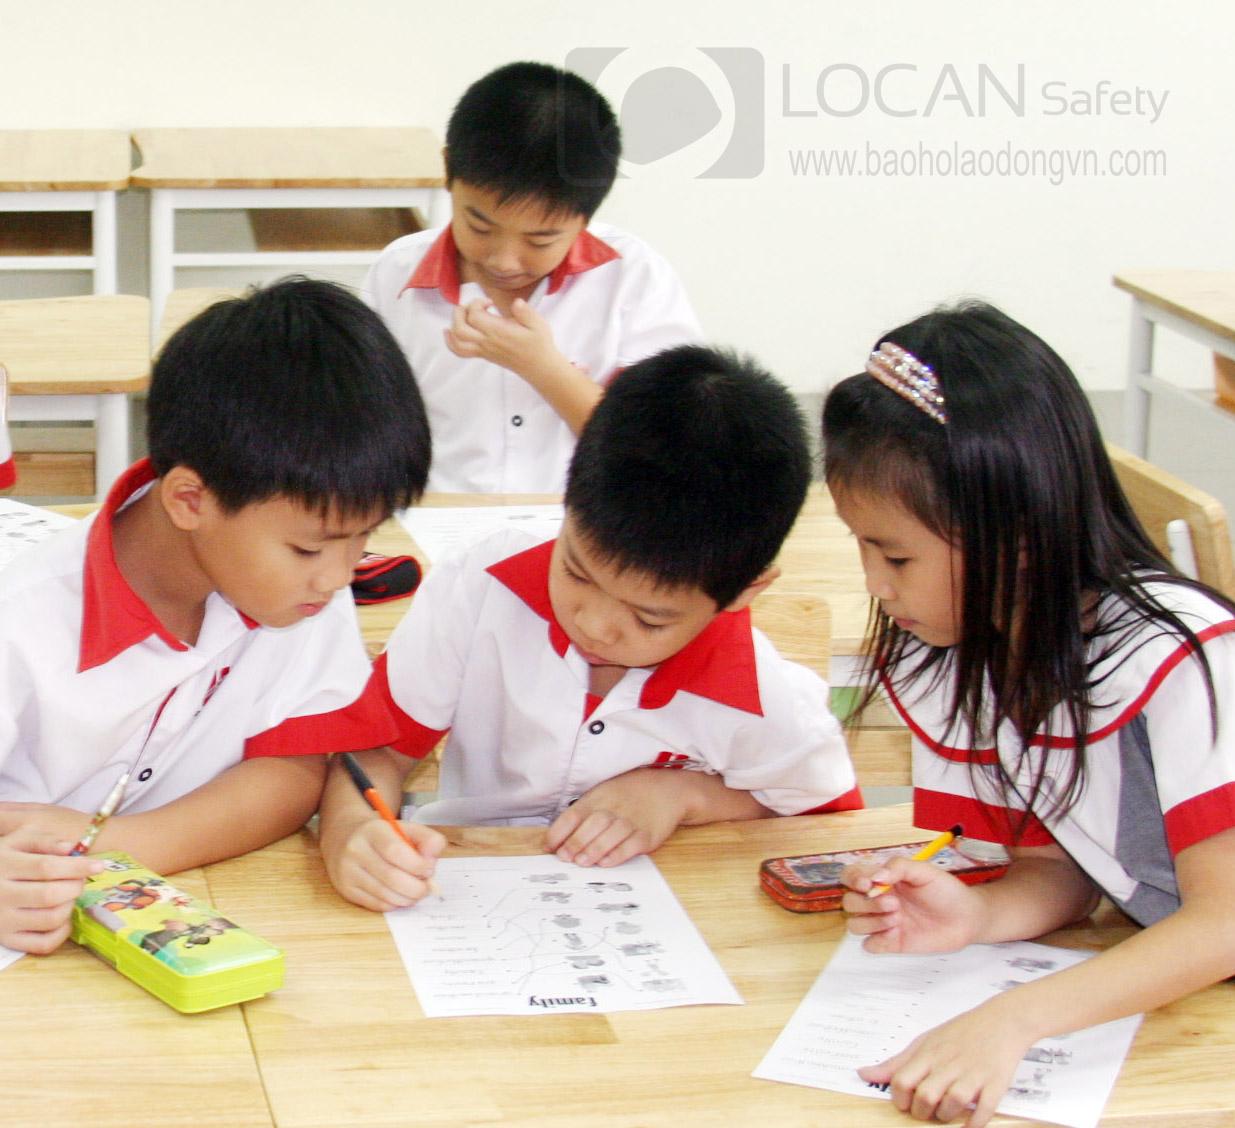 Đồng phục học sinh Lộc An